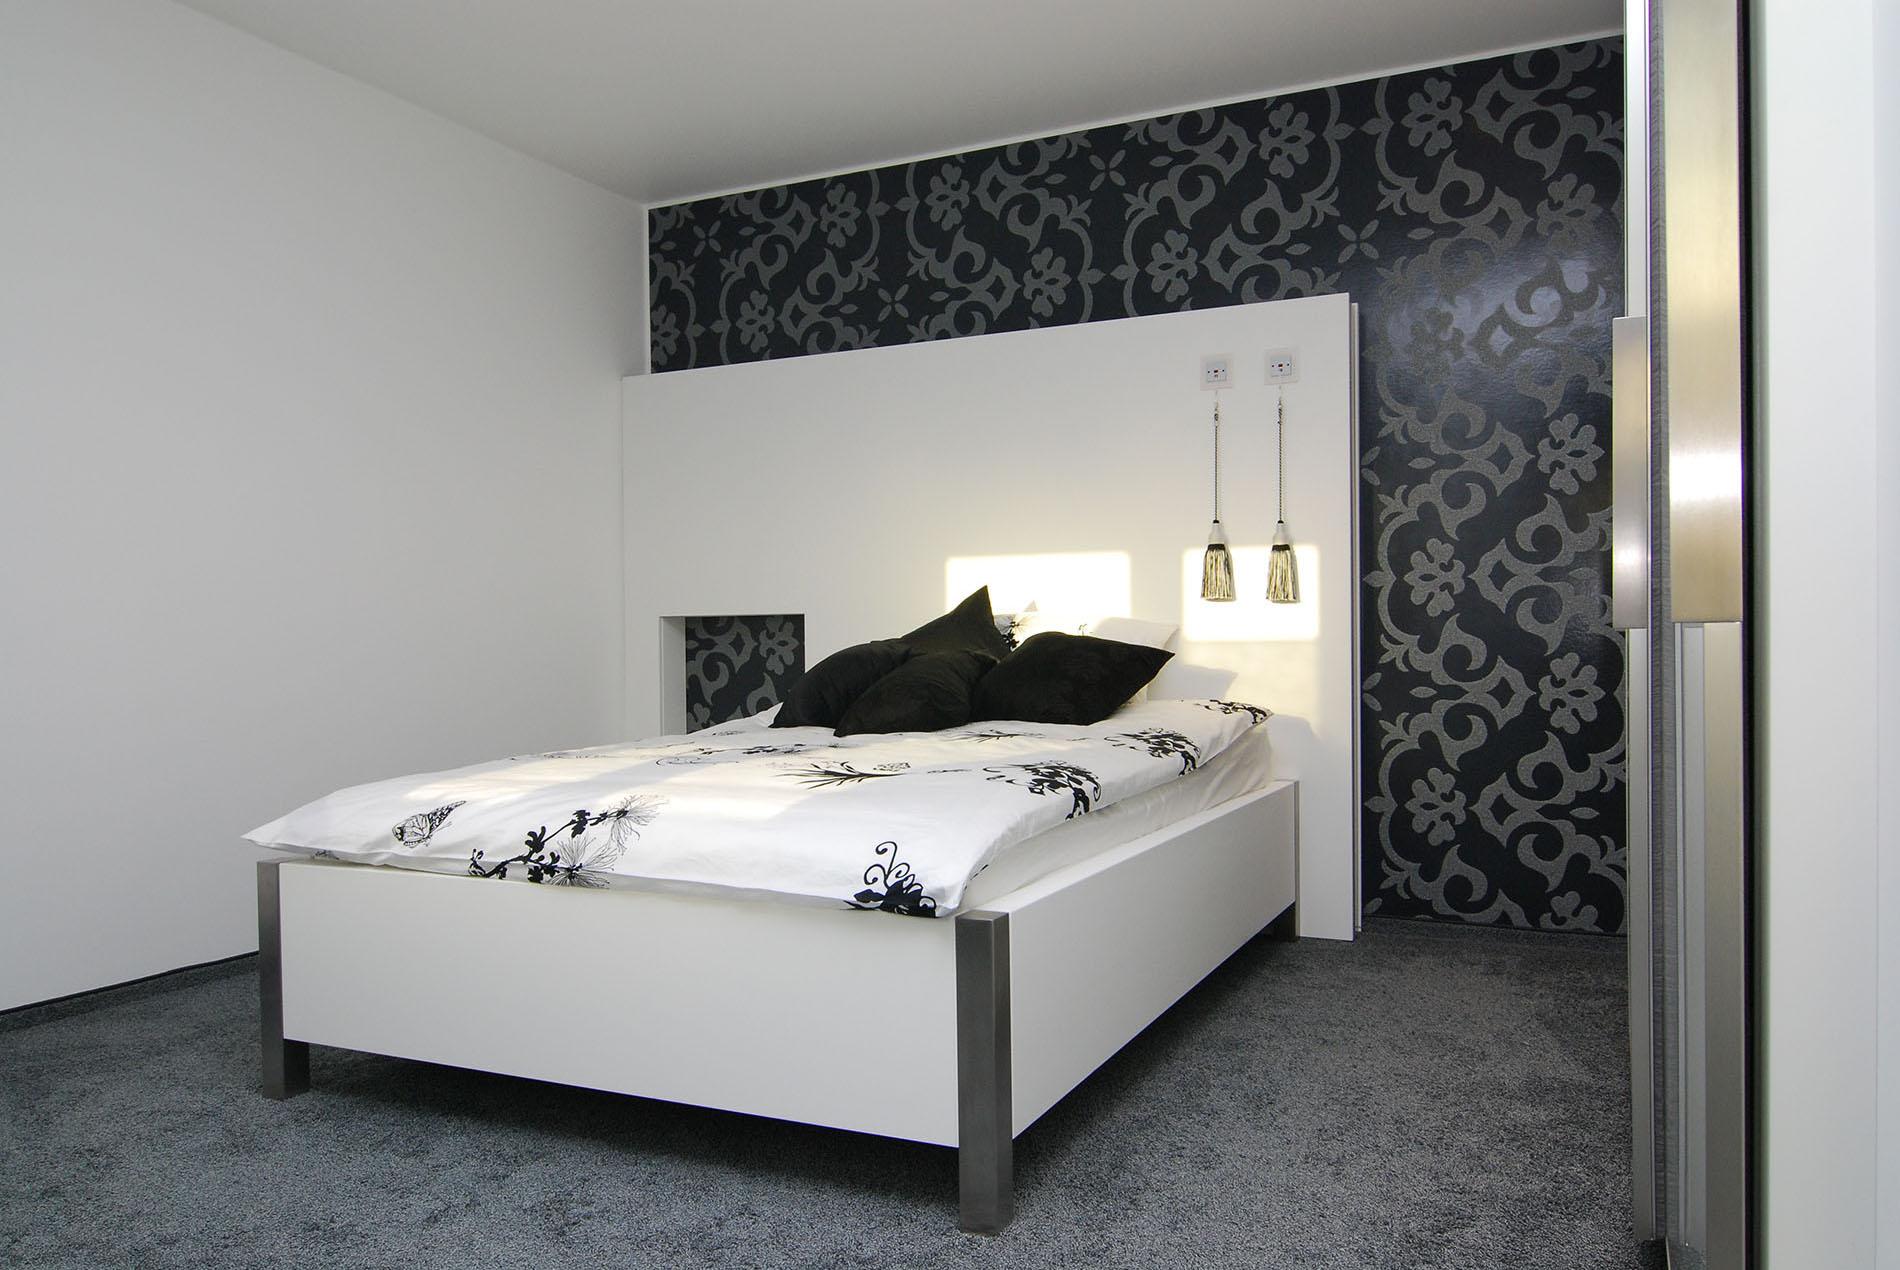 schlafzimmer mit schrankwand sch pker holz wohn form gmbh. Black Bedroom Furniture Sets. Home Design Ideas